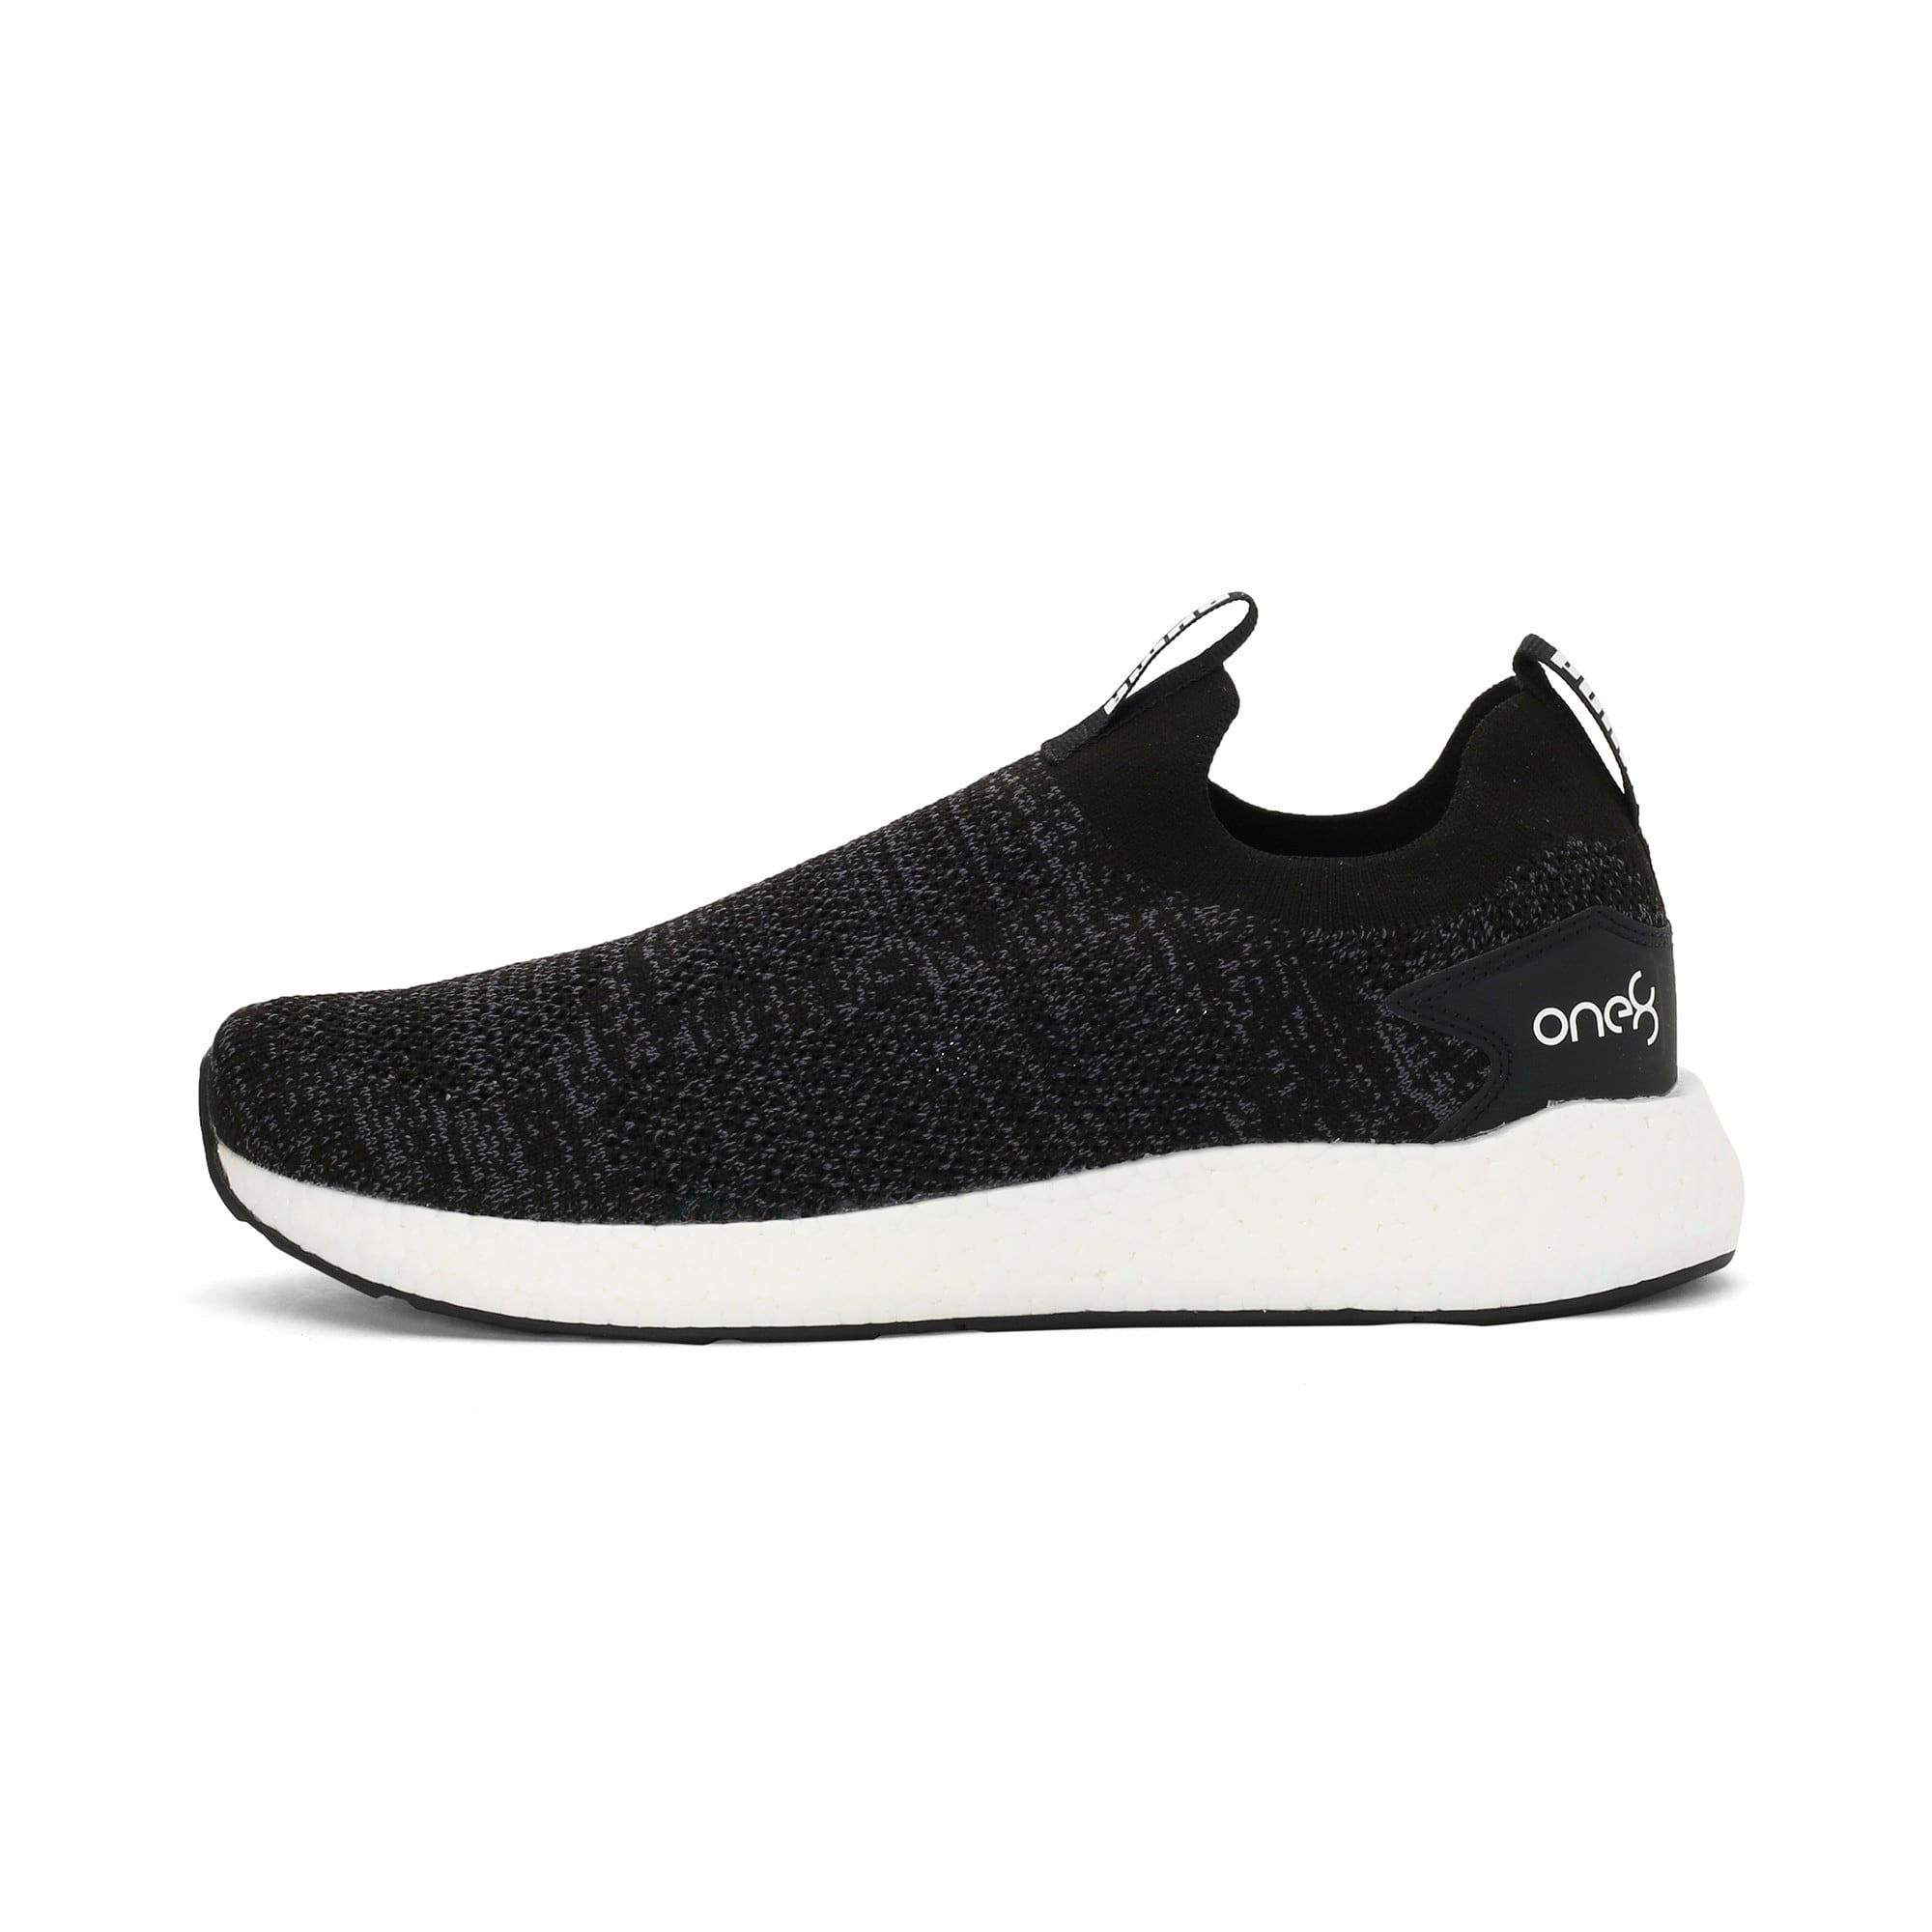 Thumbnail 1 of NRGY Neko Slip-On one8 Unisex Running Shoes, Puma Black-Puma White, medium-IND